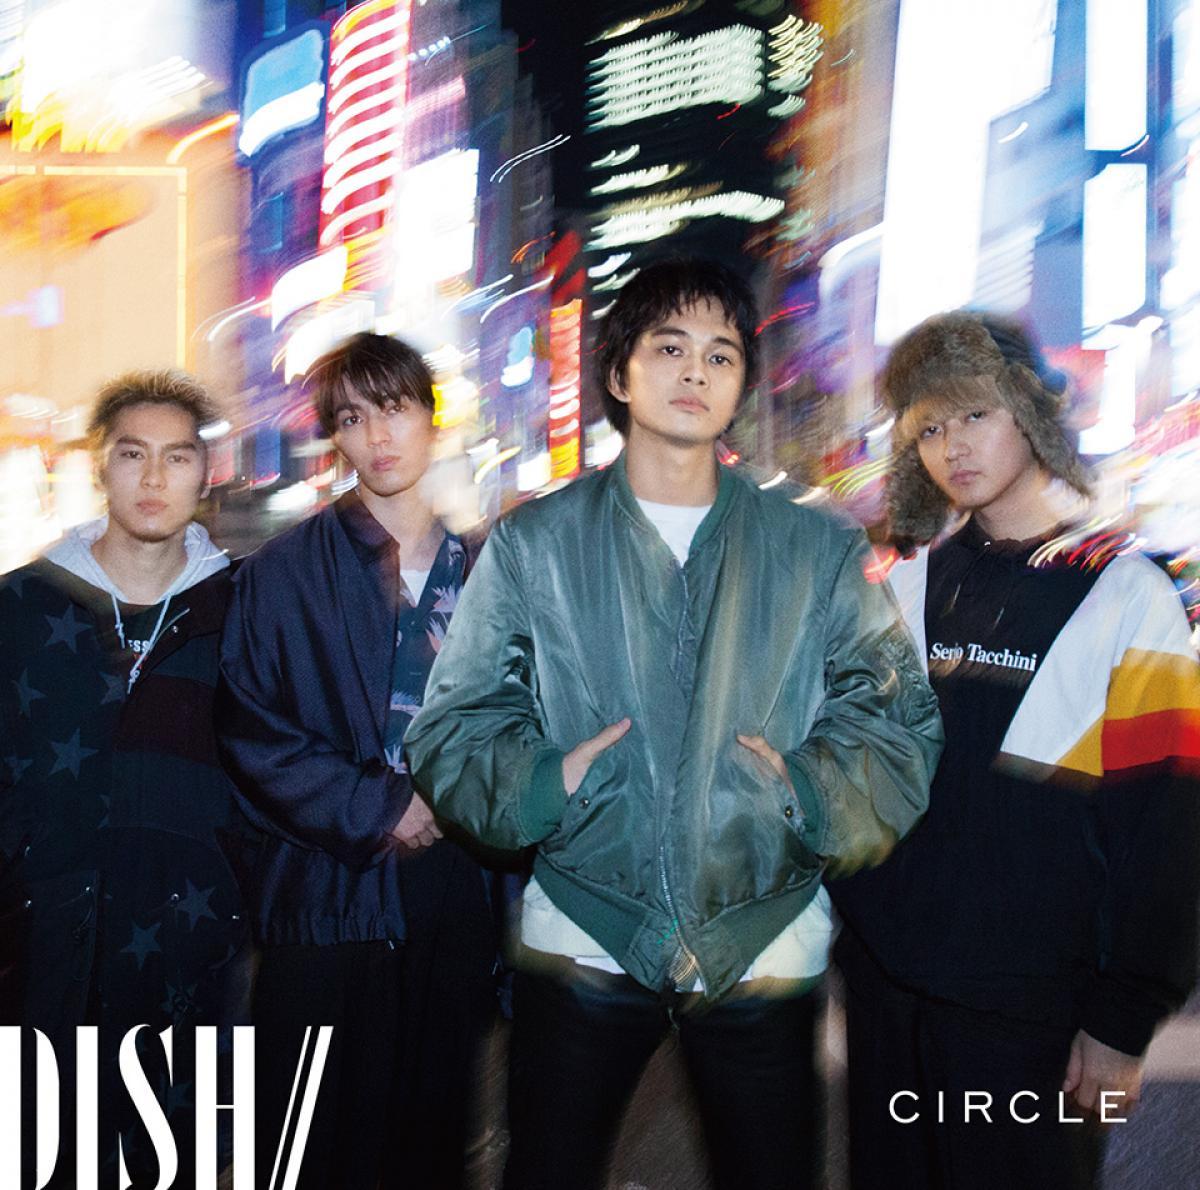 『DISH// - Get Power 歌詞』収録の『CIRCLE』ジャケット